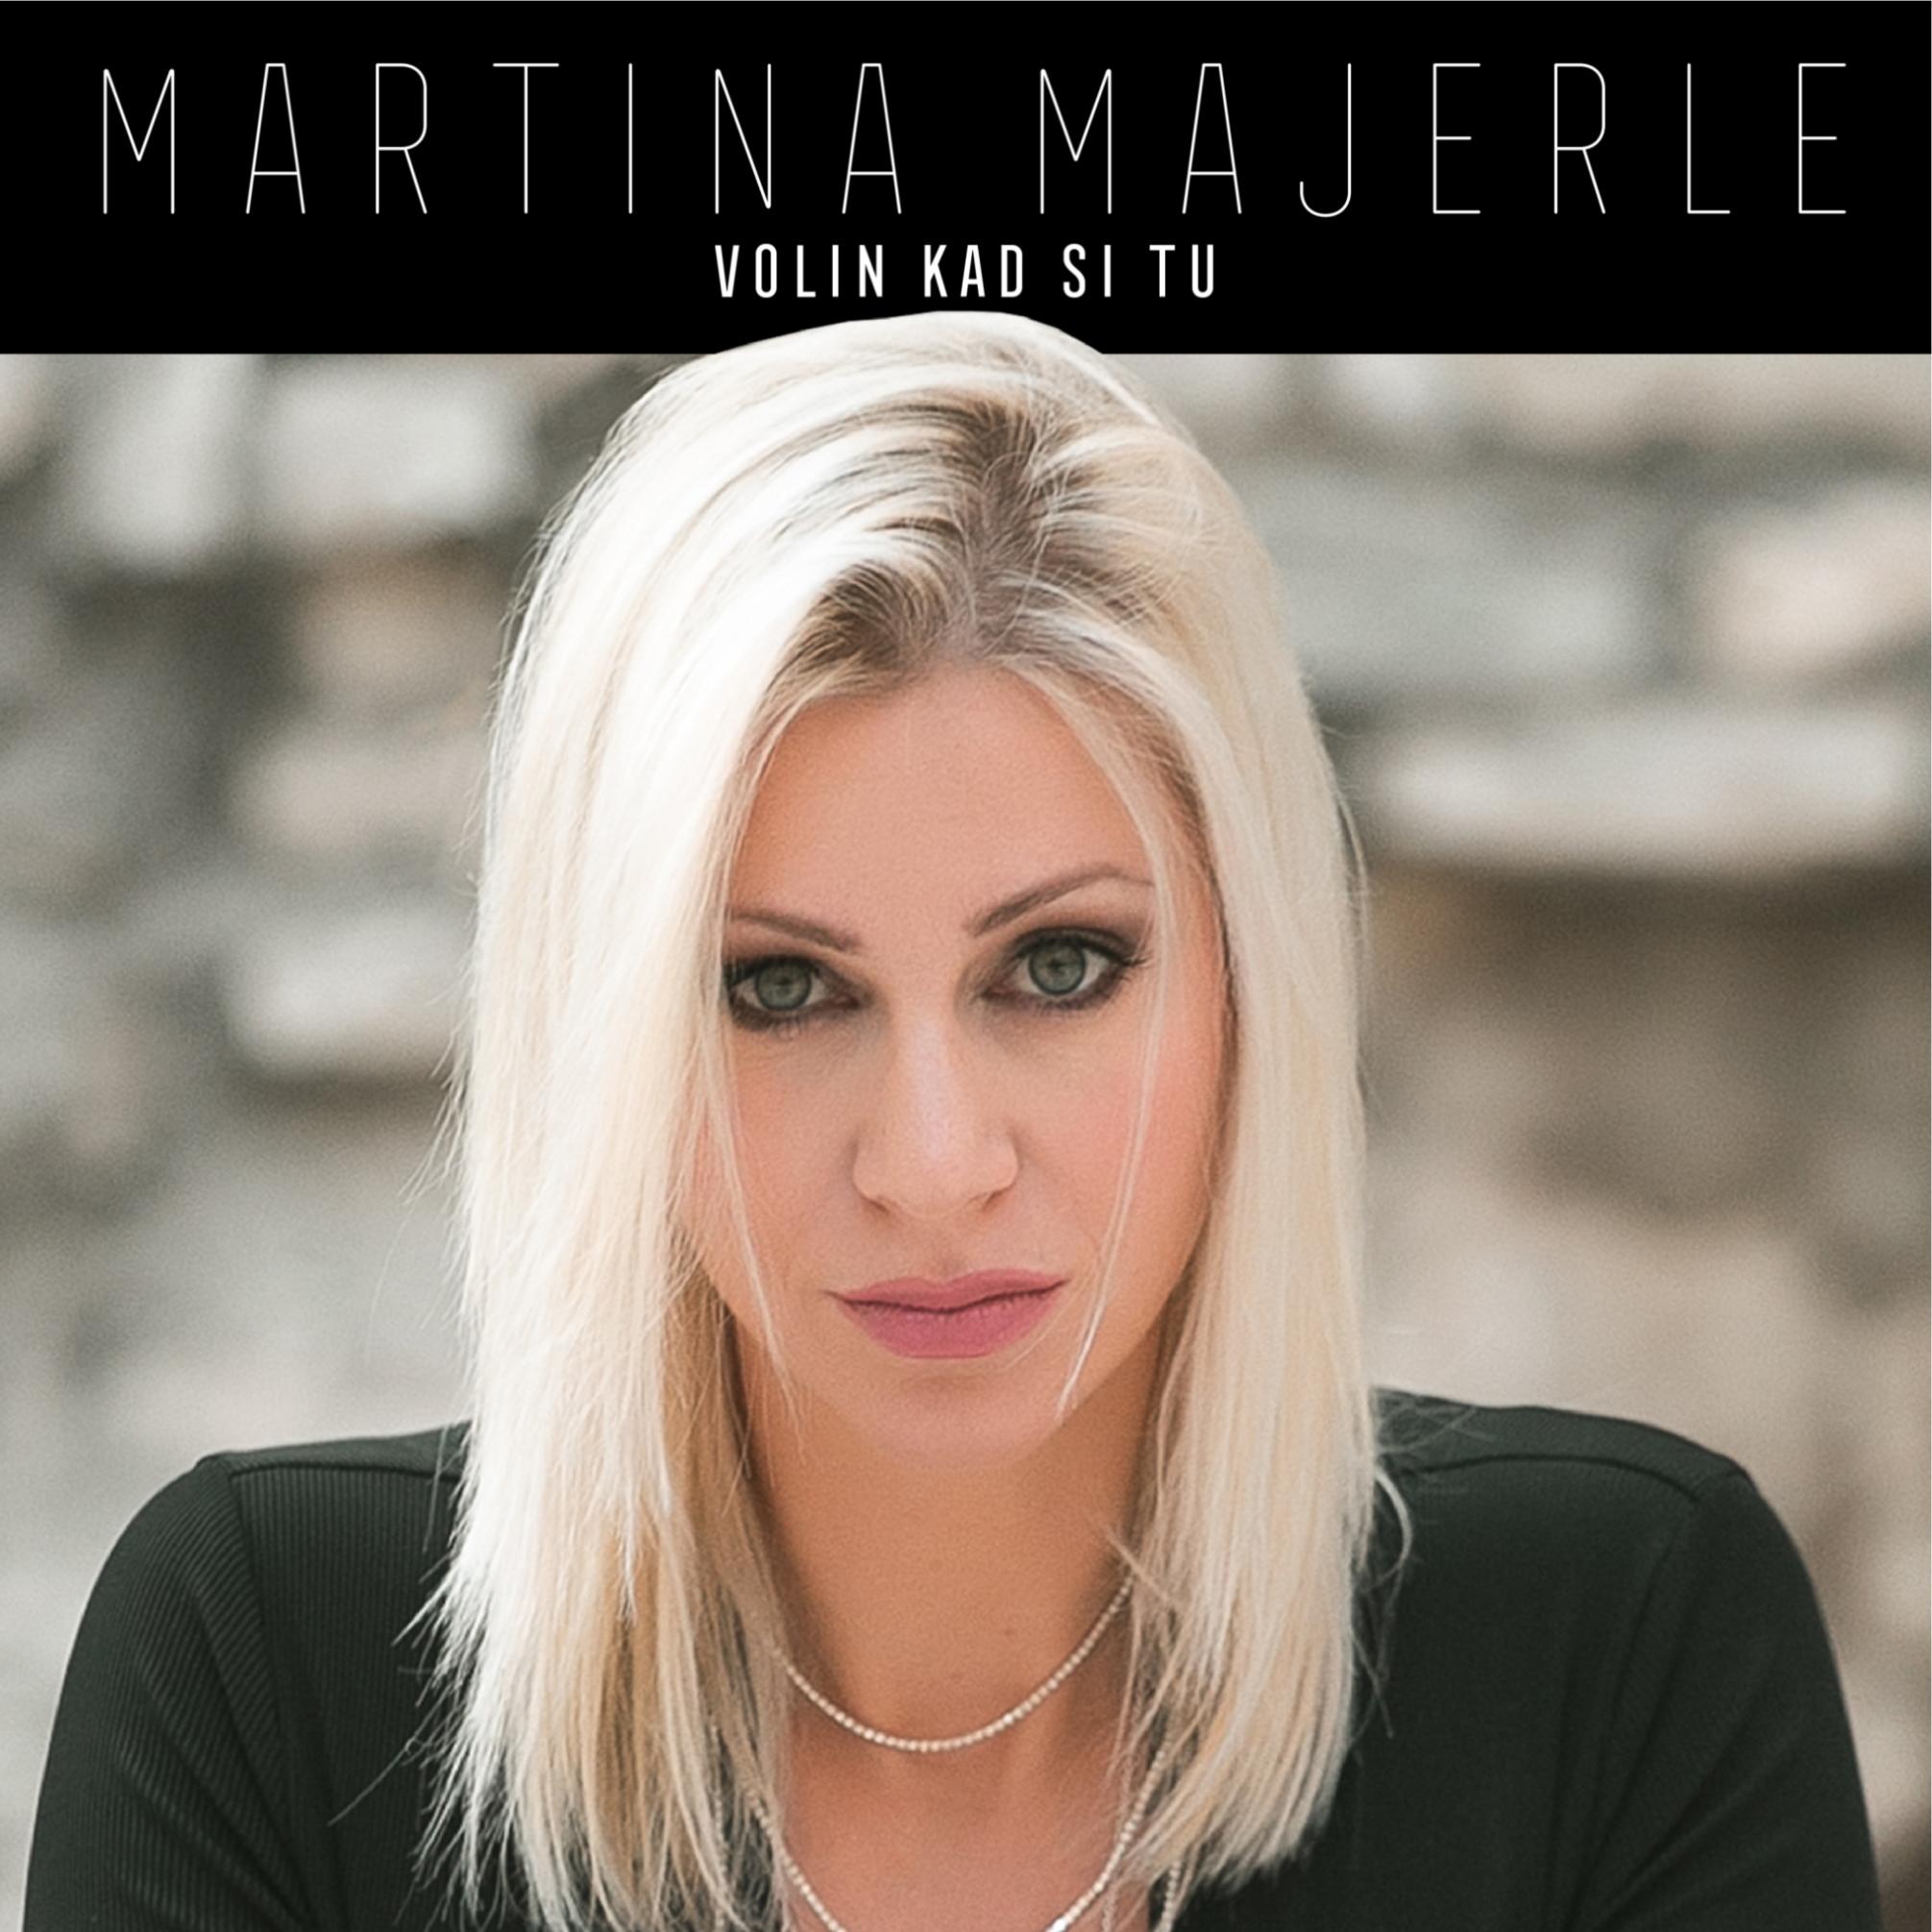 Martina Majerle predstavlja snažnu baladu 'Volin kad si tu', koja prenosi nježnu ljubavnu priču